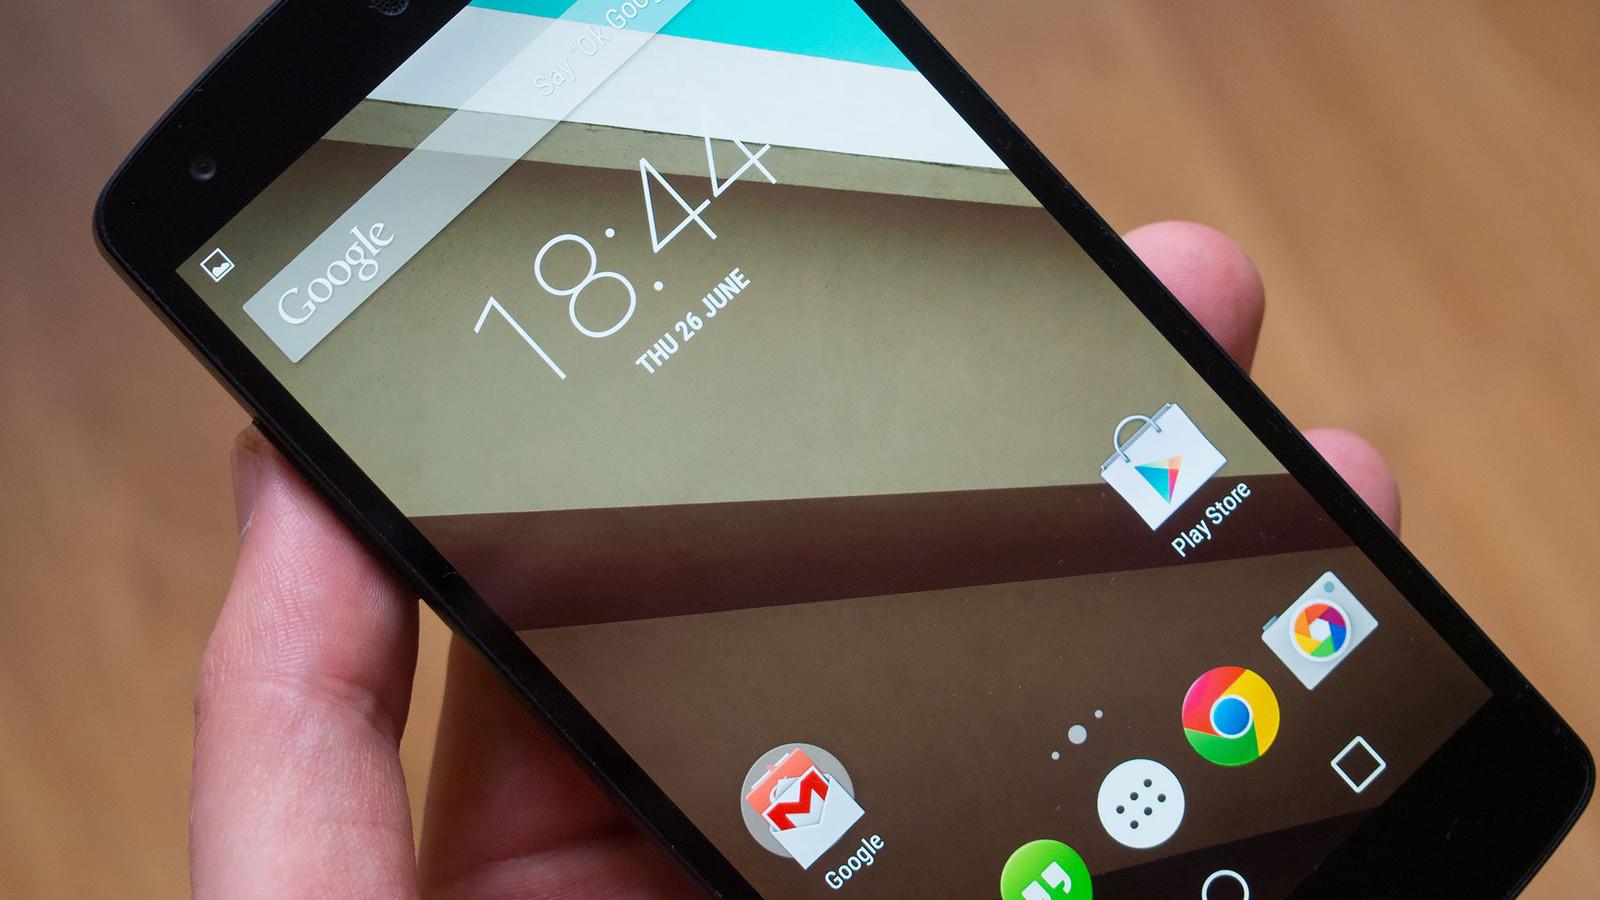 Новая версия Android будет шифровать данные пользователя по умолчанию